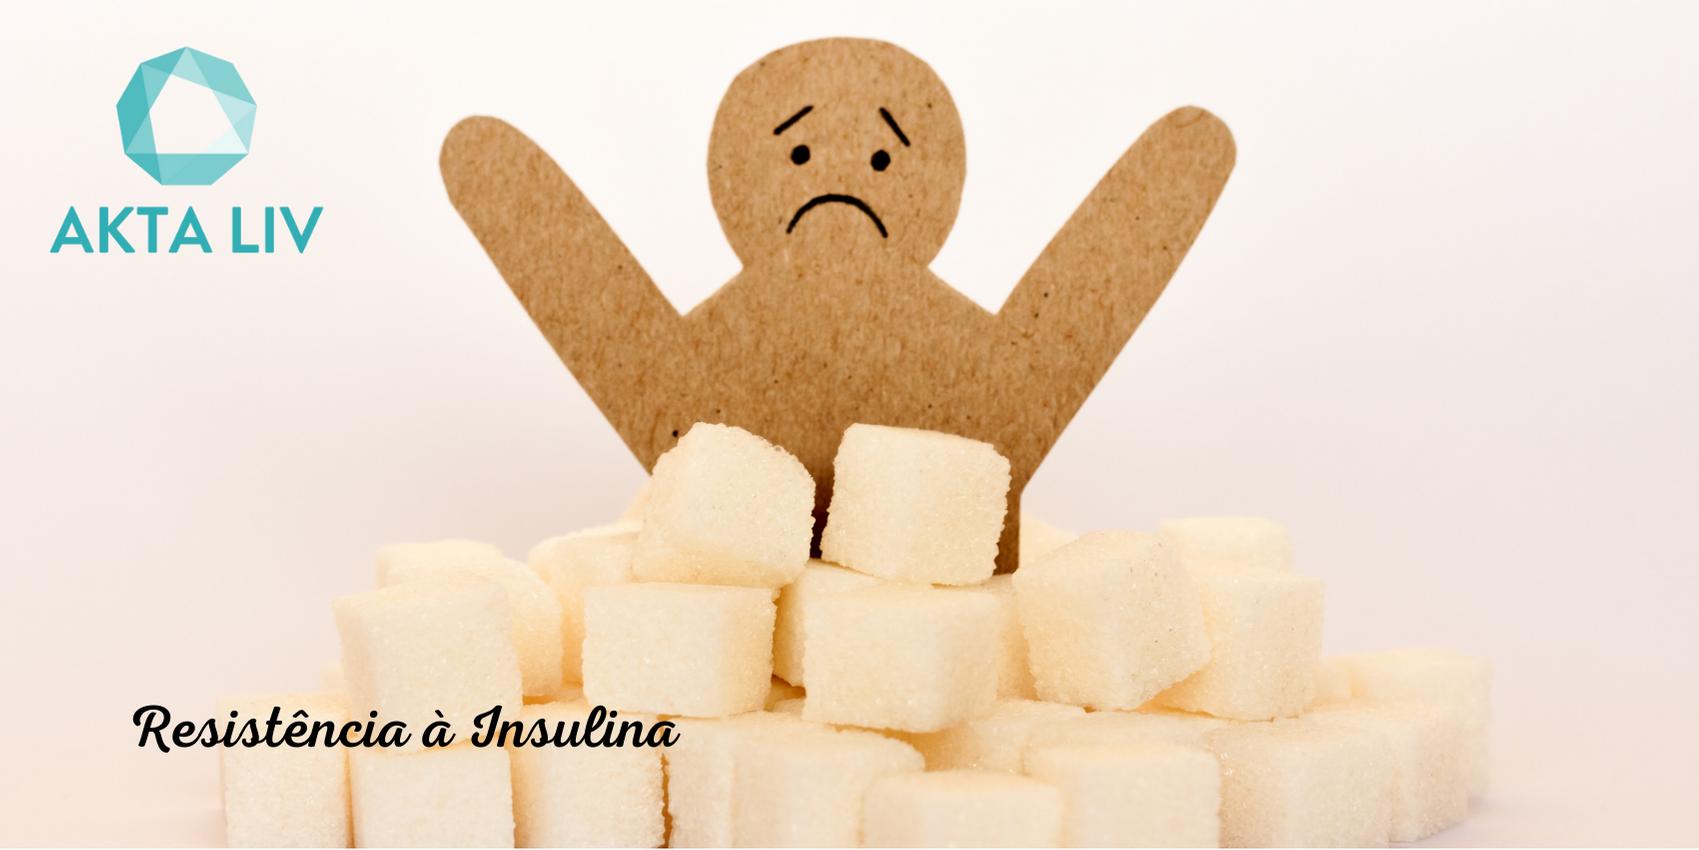 AKTA-Liv-endocrinologia-obesidade-emagrecimento-consciente-resistencia-a-insulina